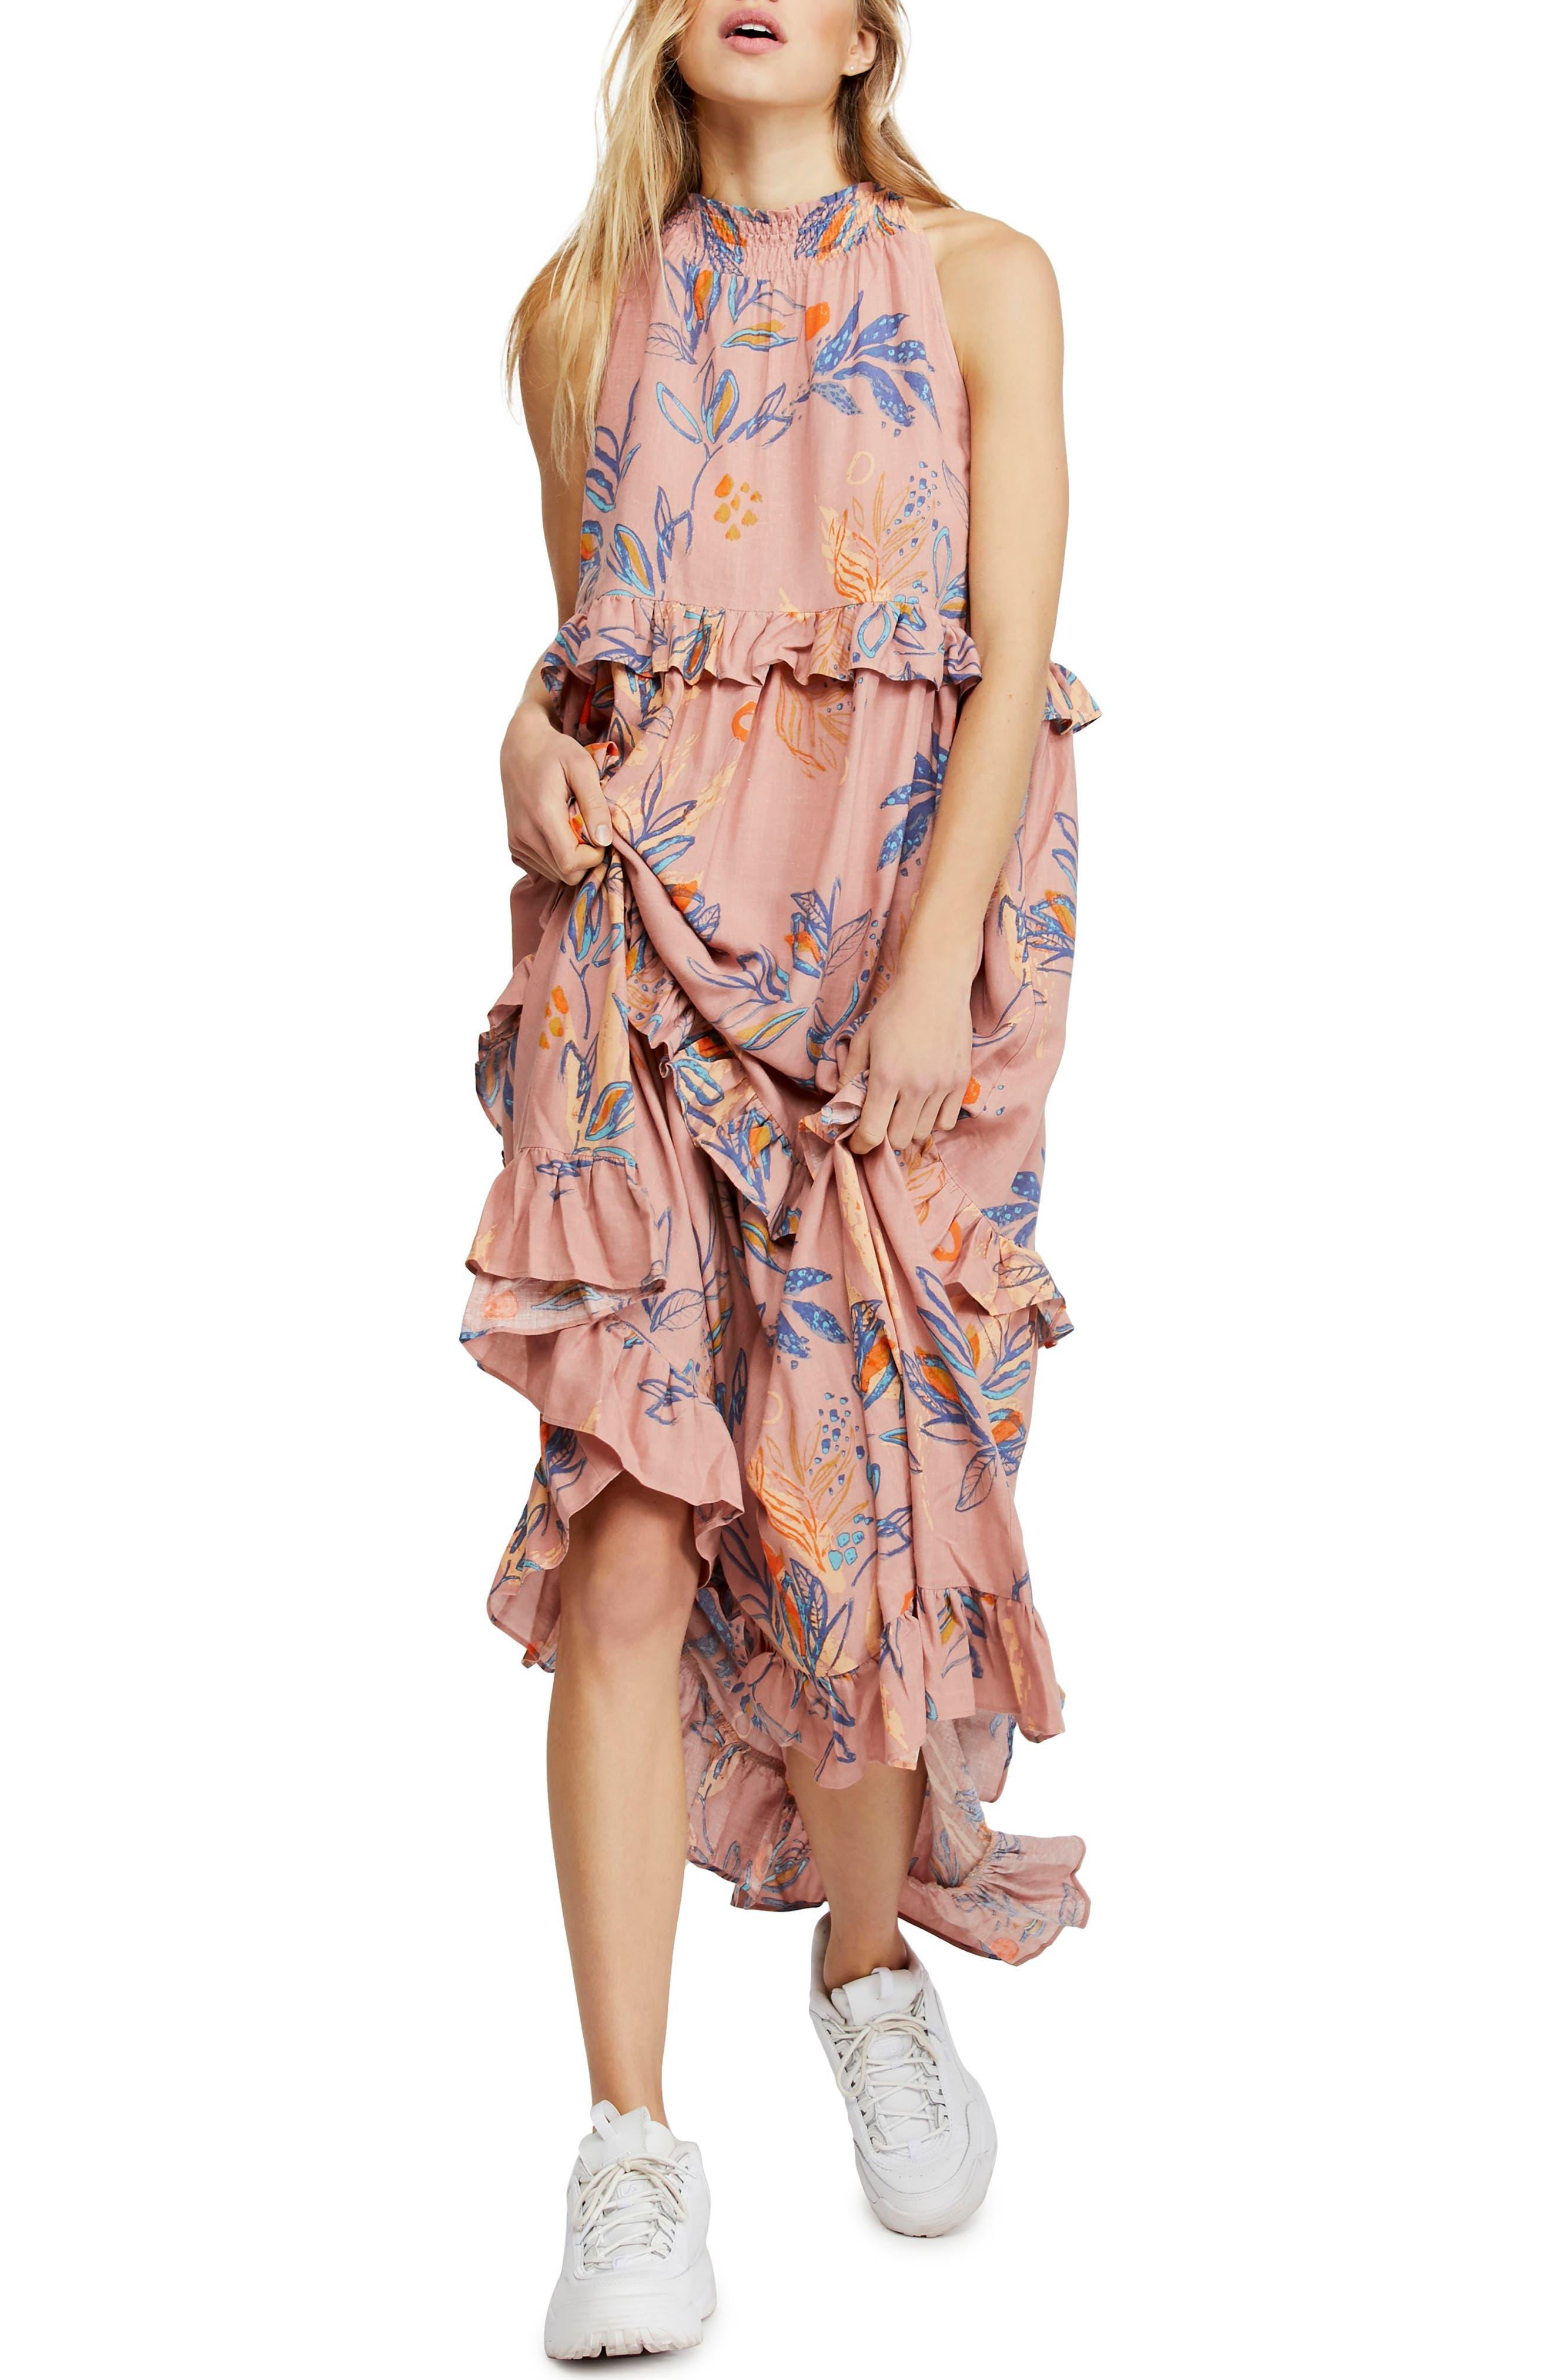 Free People Anita High/low Dress, Coral